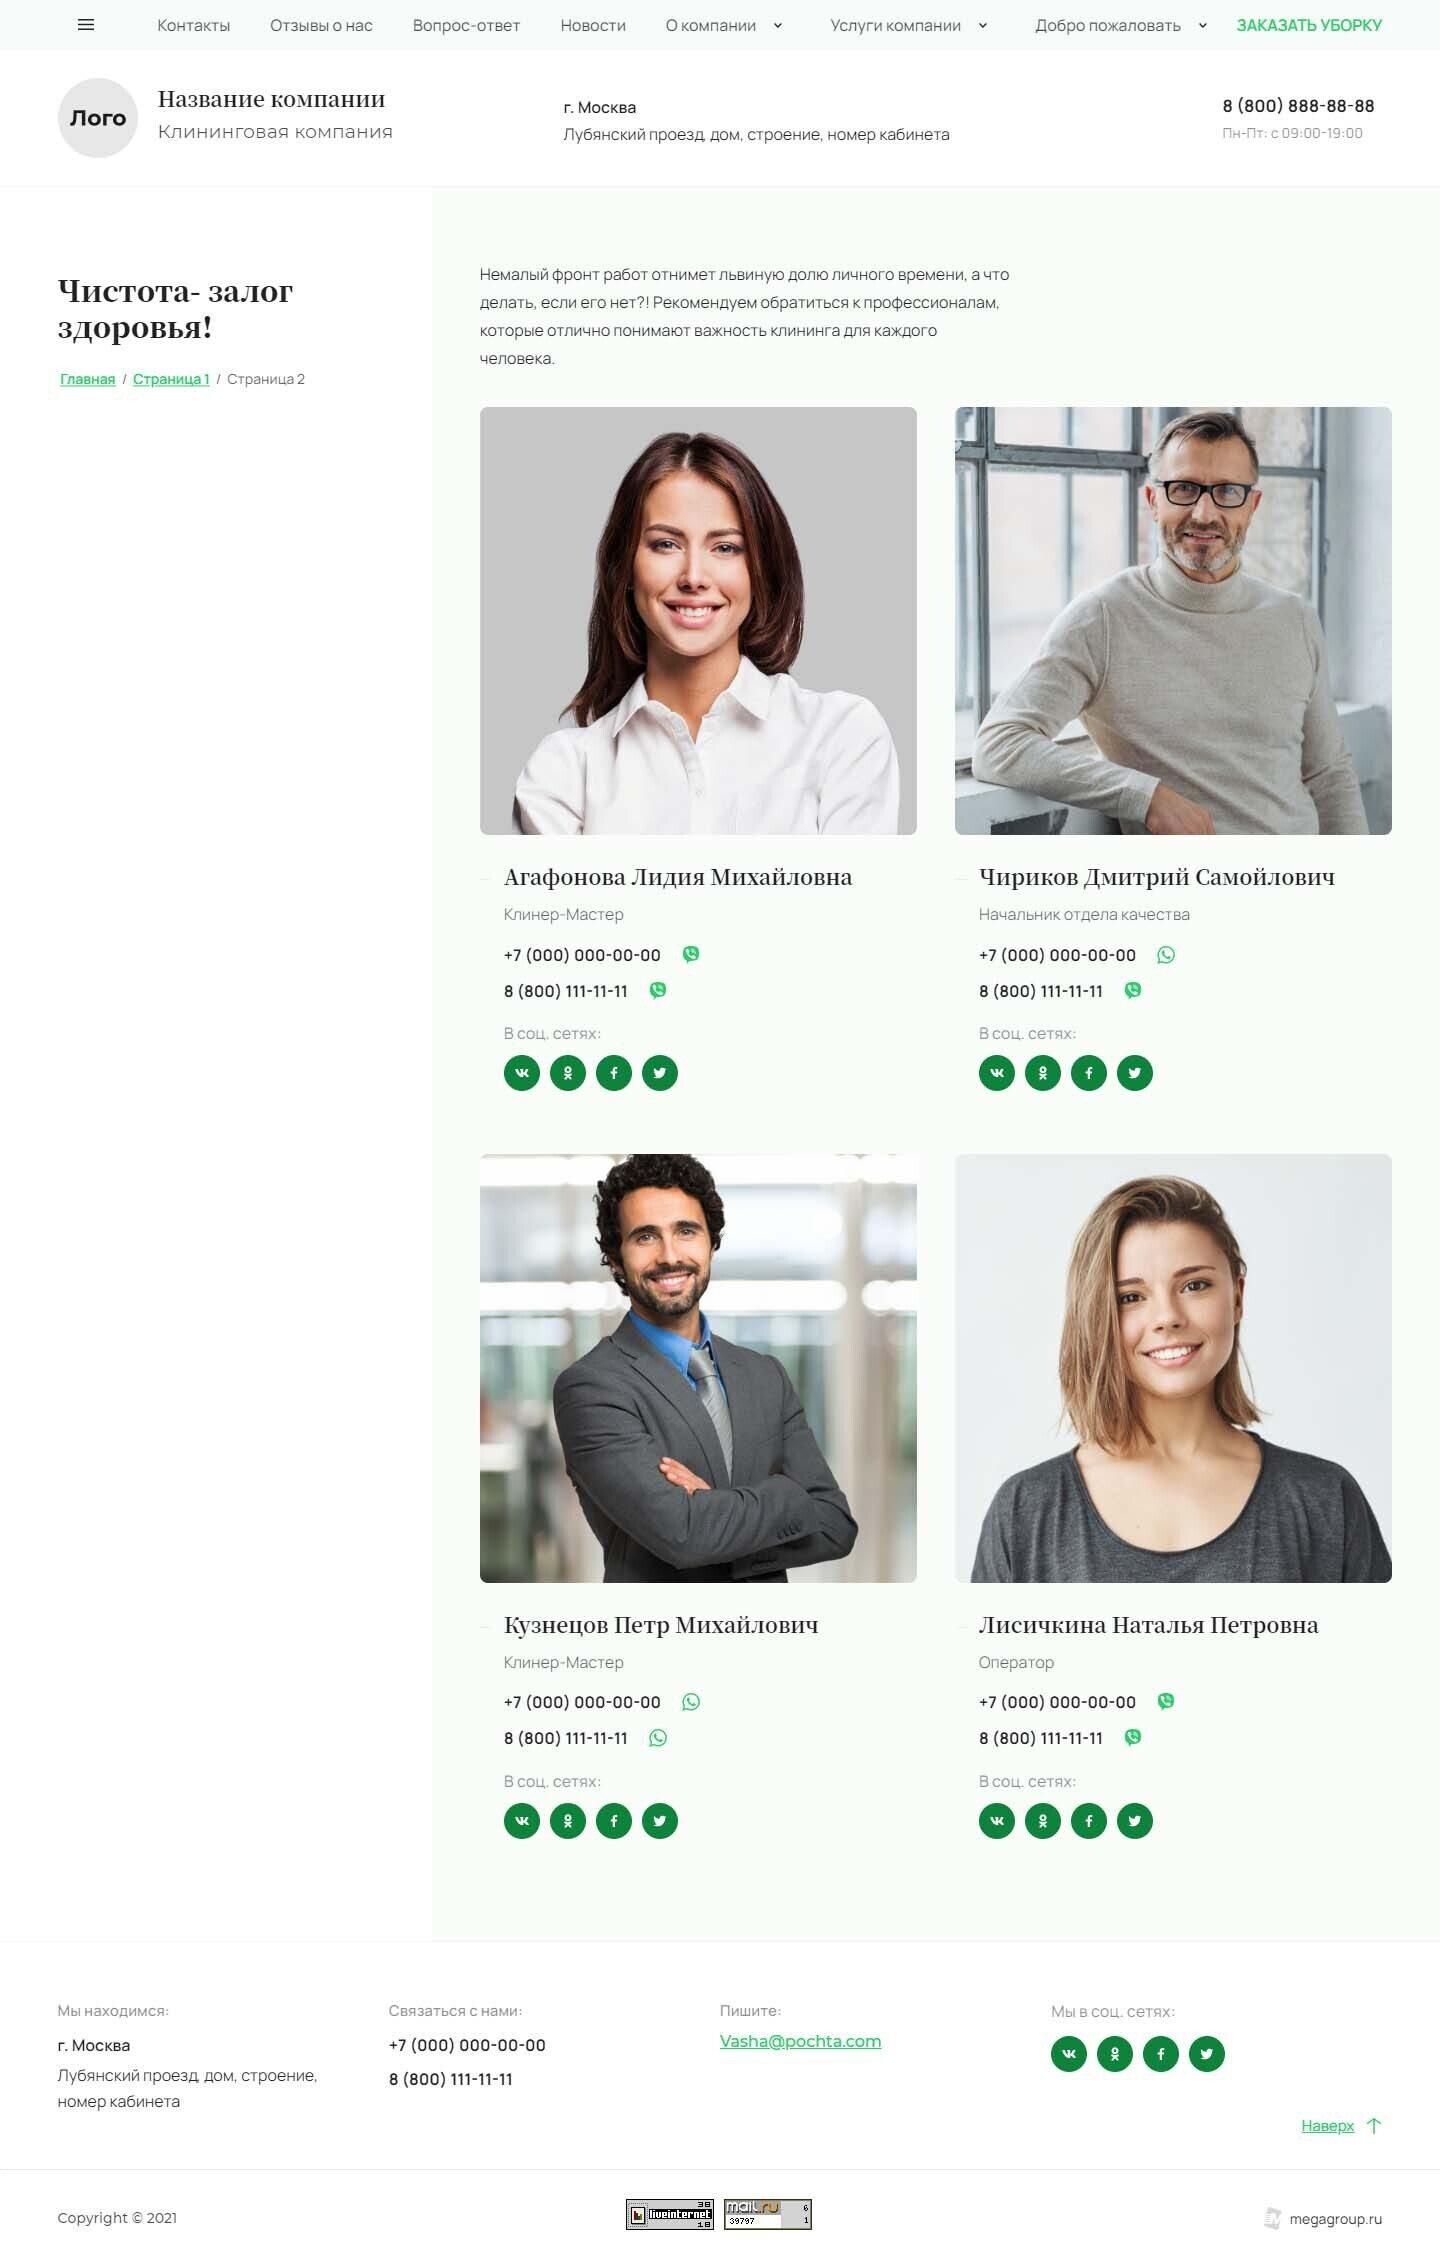 Готовый Сайт-Бизнес #2785766 - Клининговые услуги (Команда)